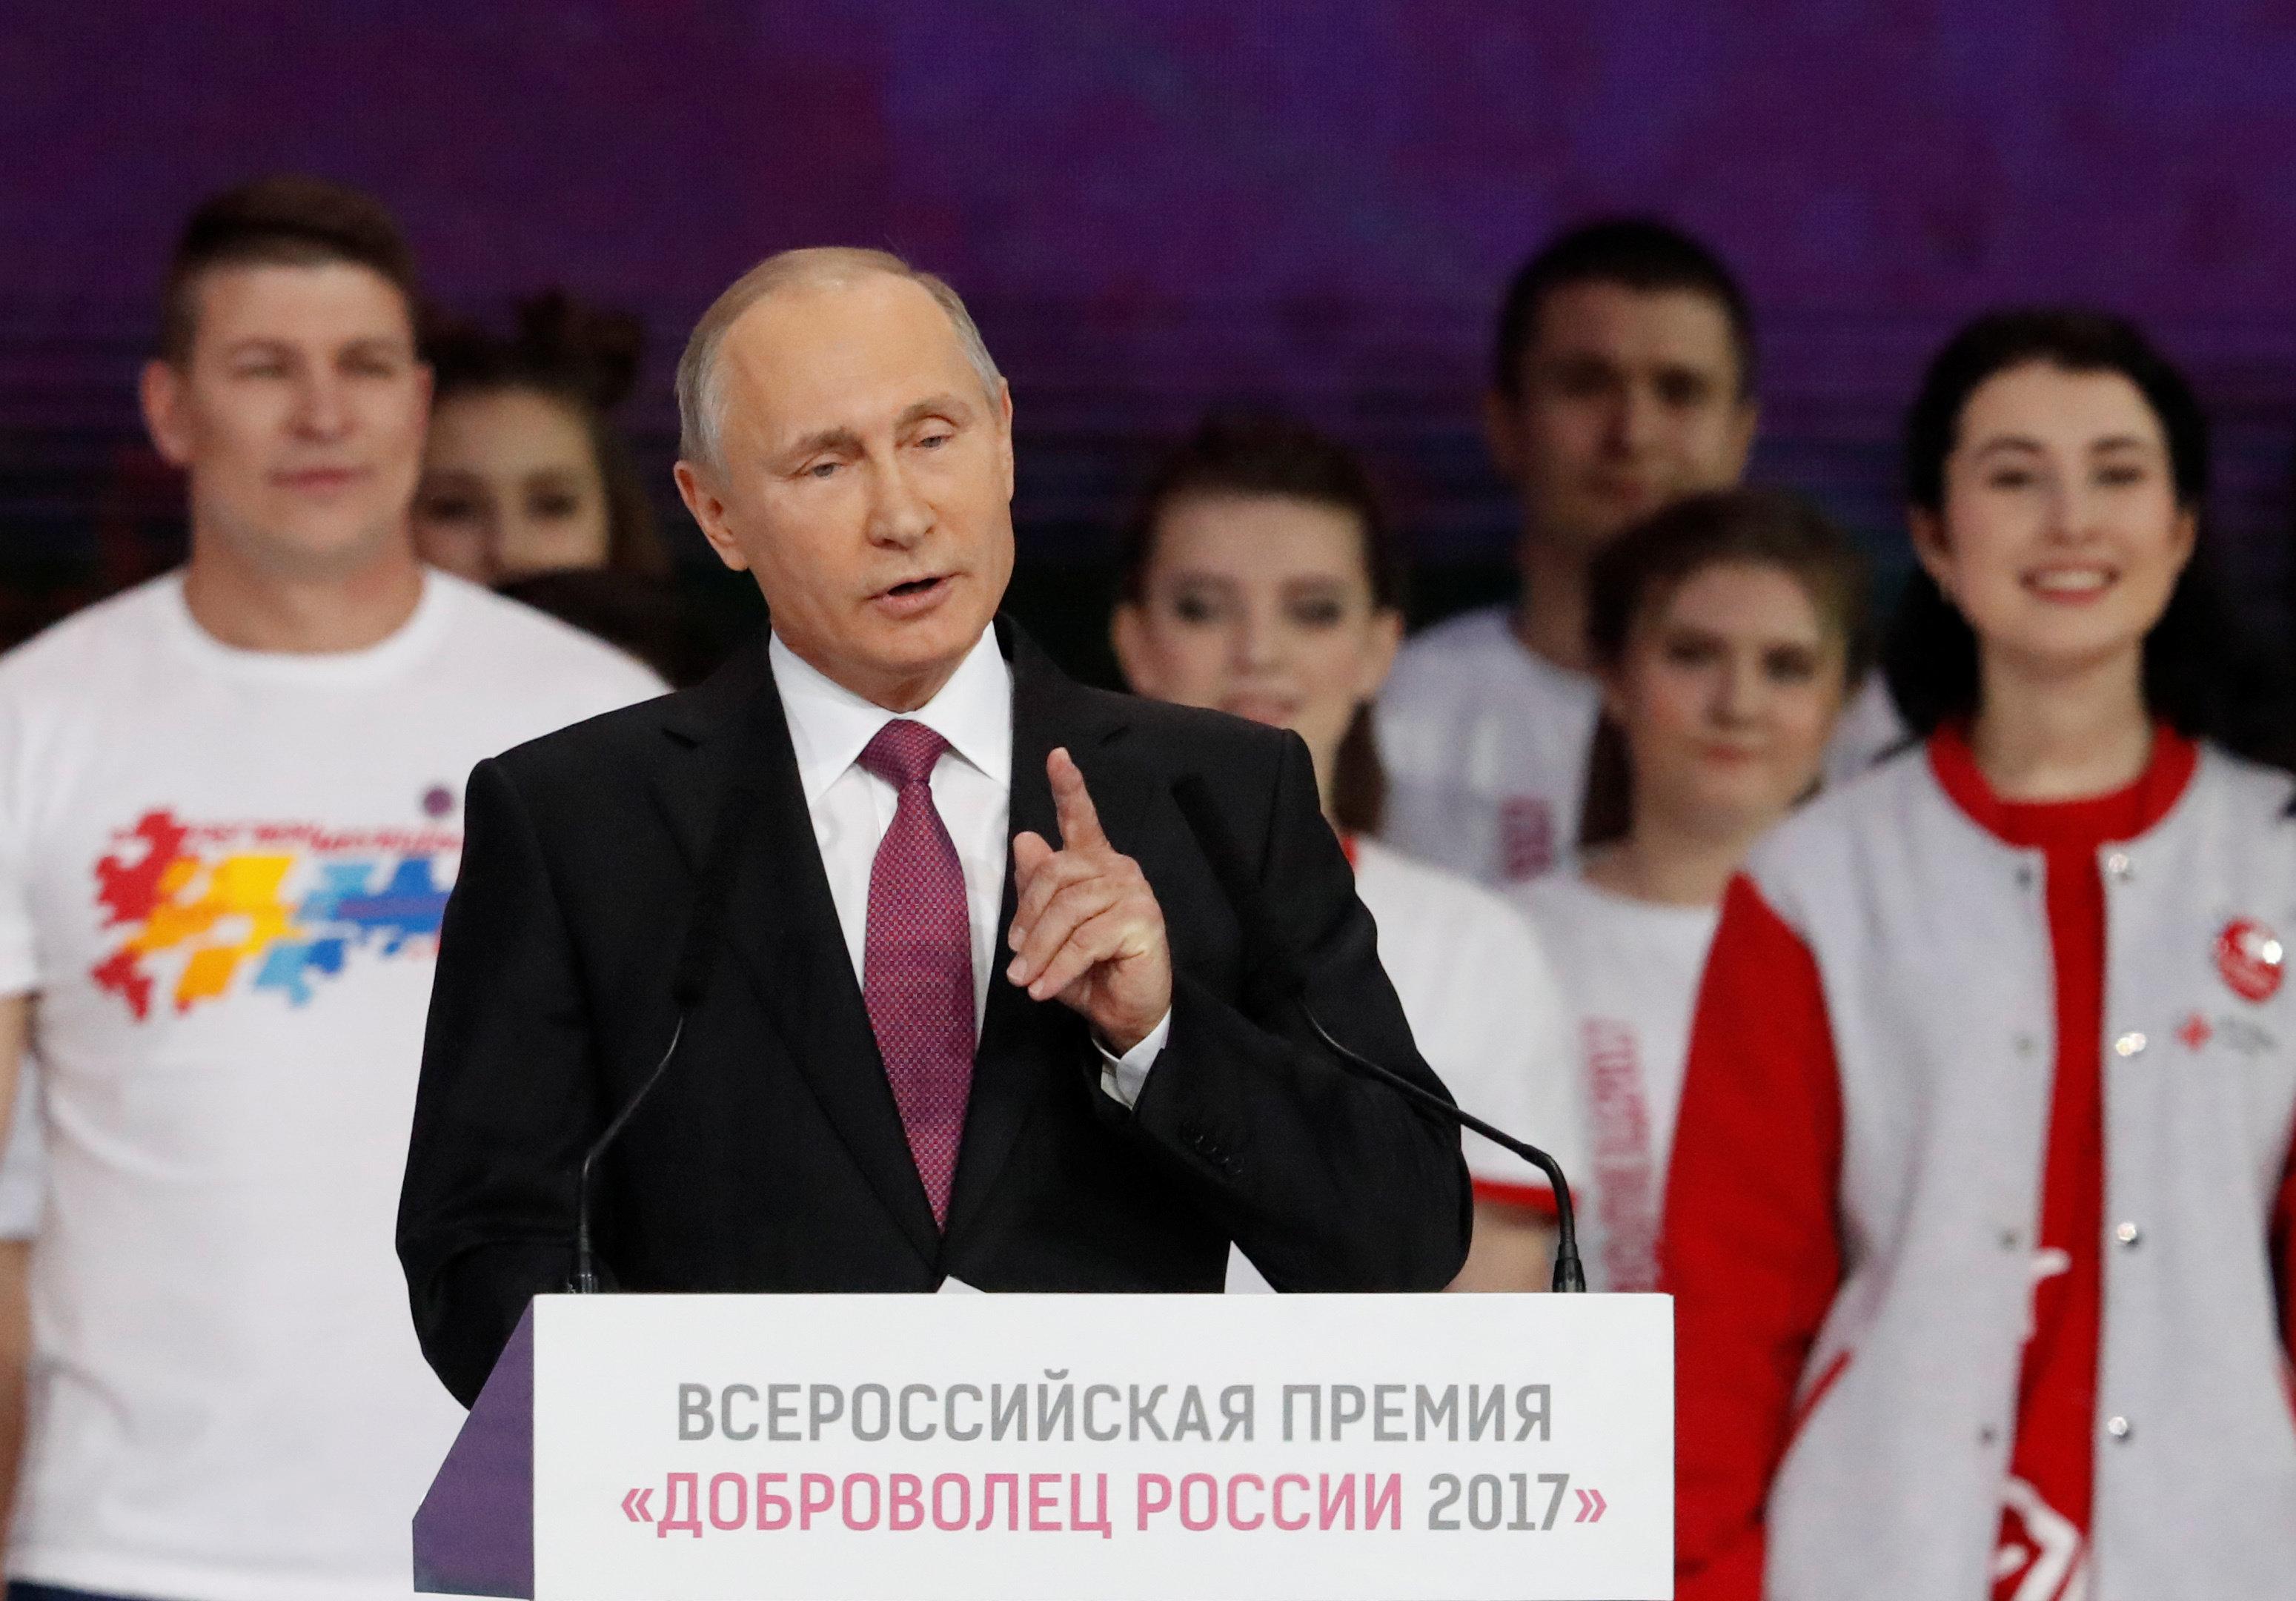 Υποψήφιος ο Πούτιν στις προεδρικές εκλογές τον Μάρτιο του